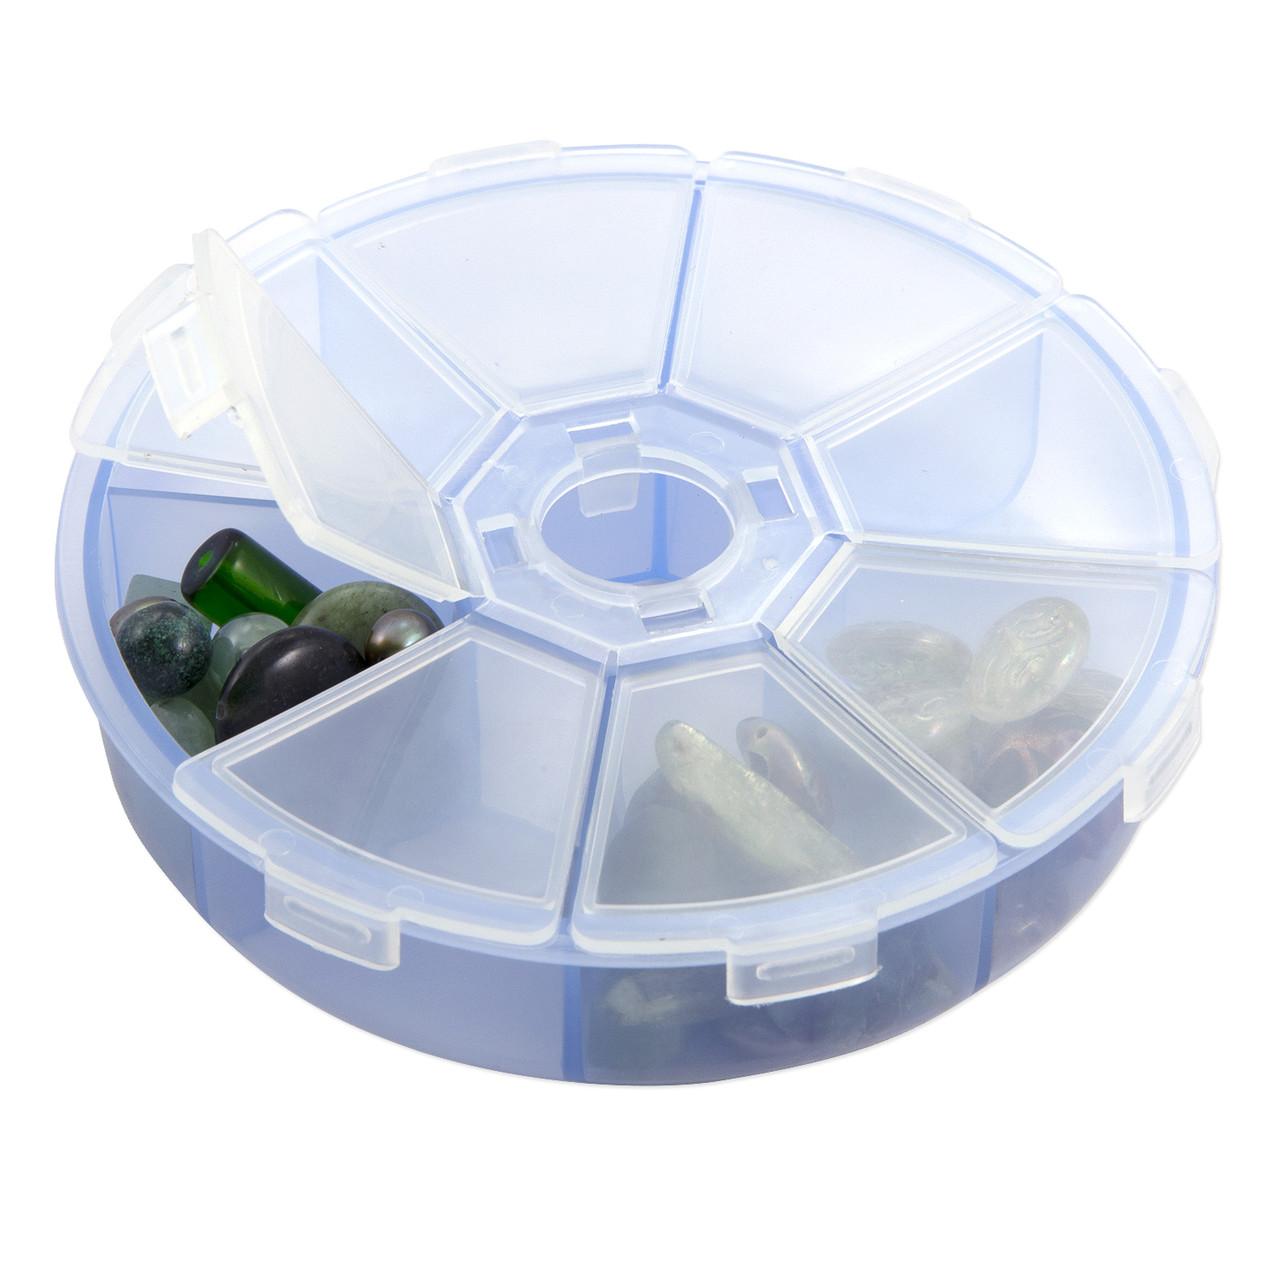 Пластиковый круглый органайзер на 8 отделений